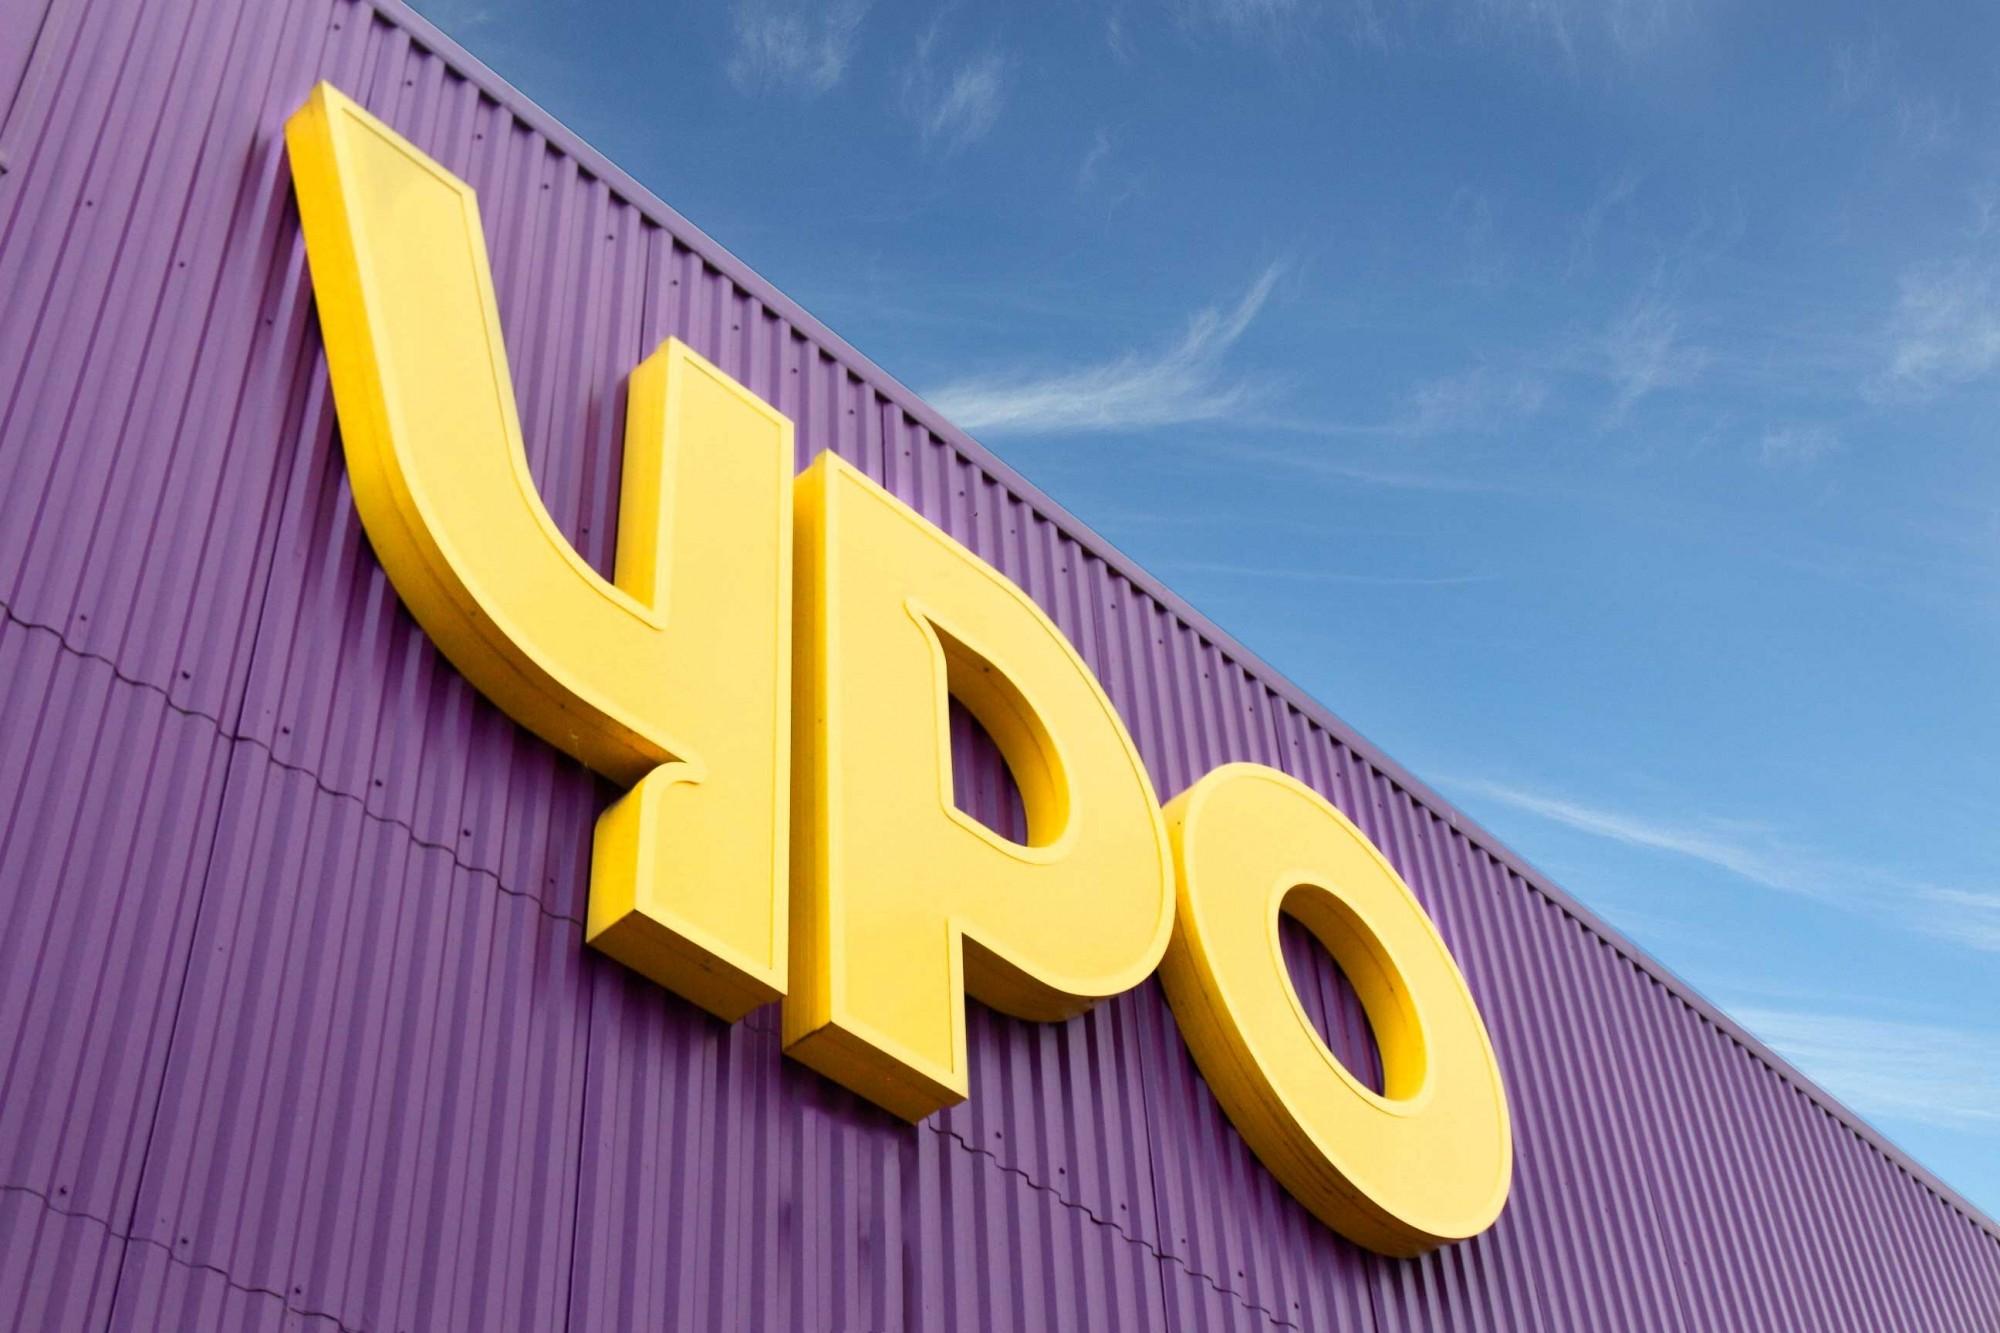 YPO-06-edited-02